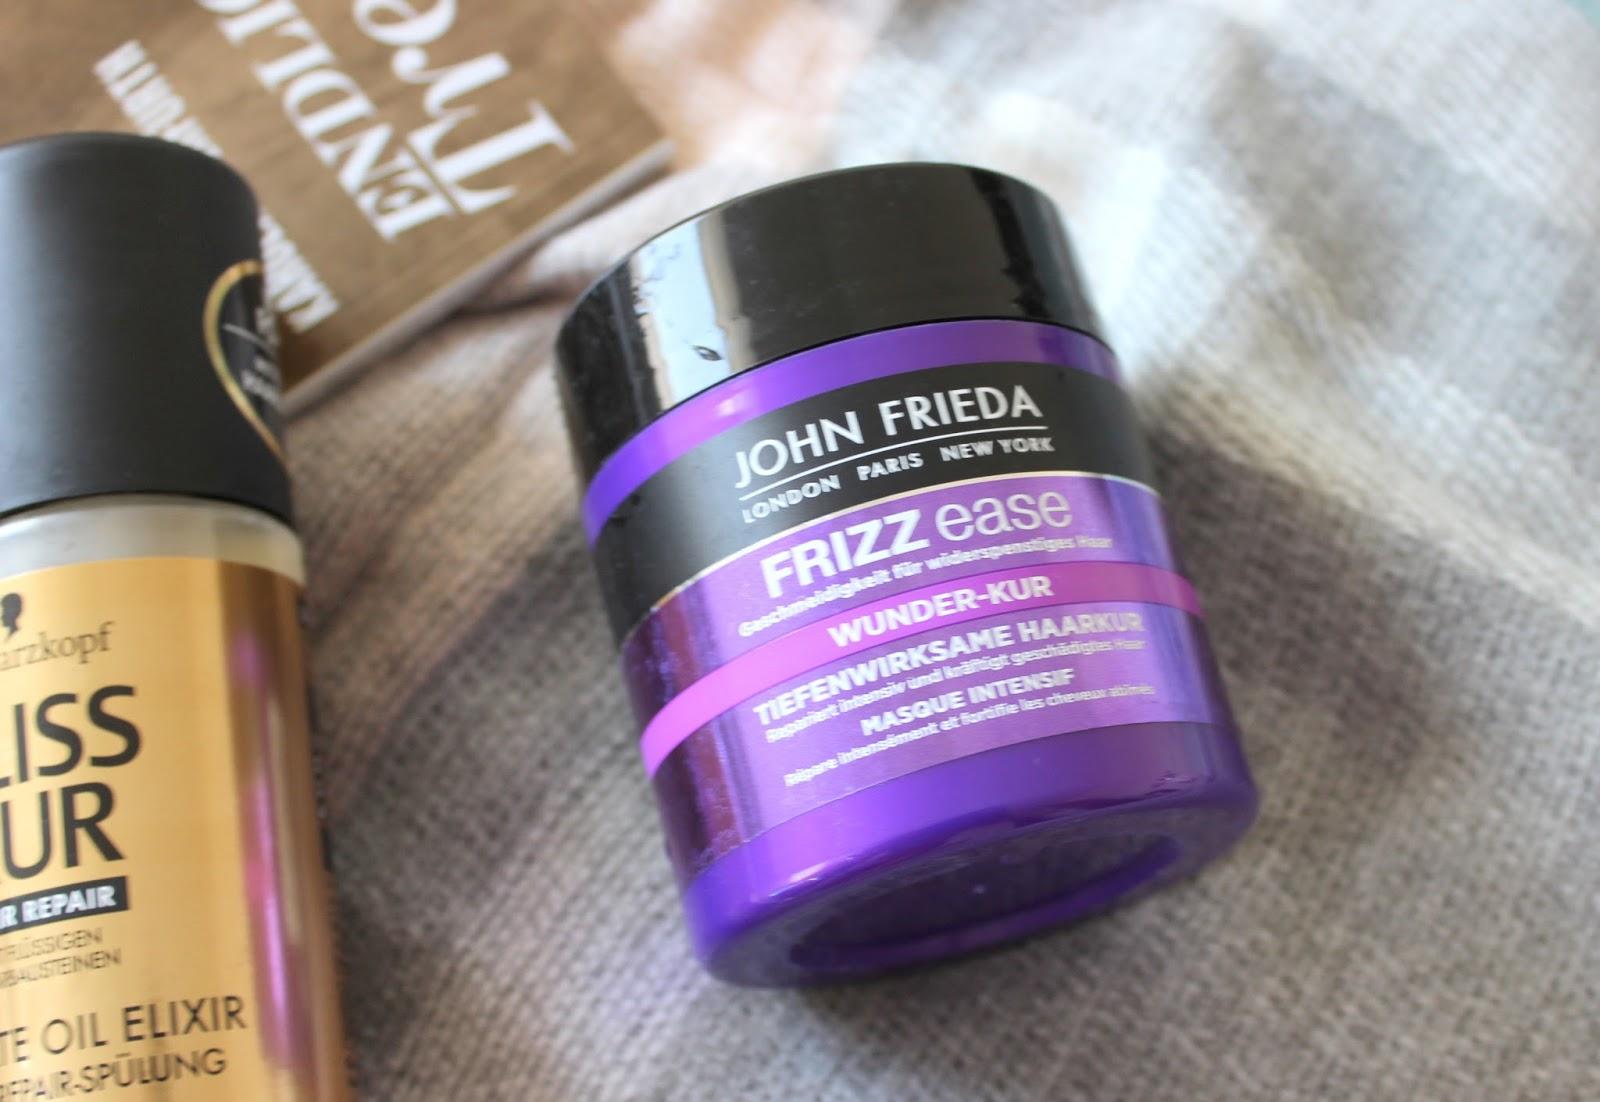 Wunderkur John Frieda dm review